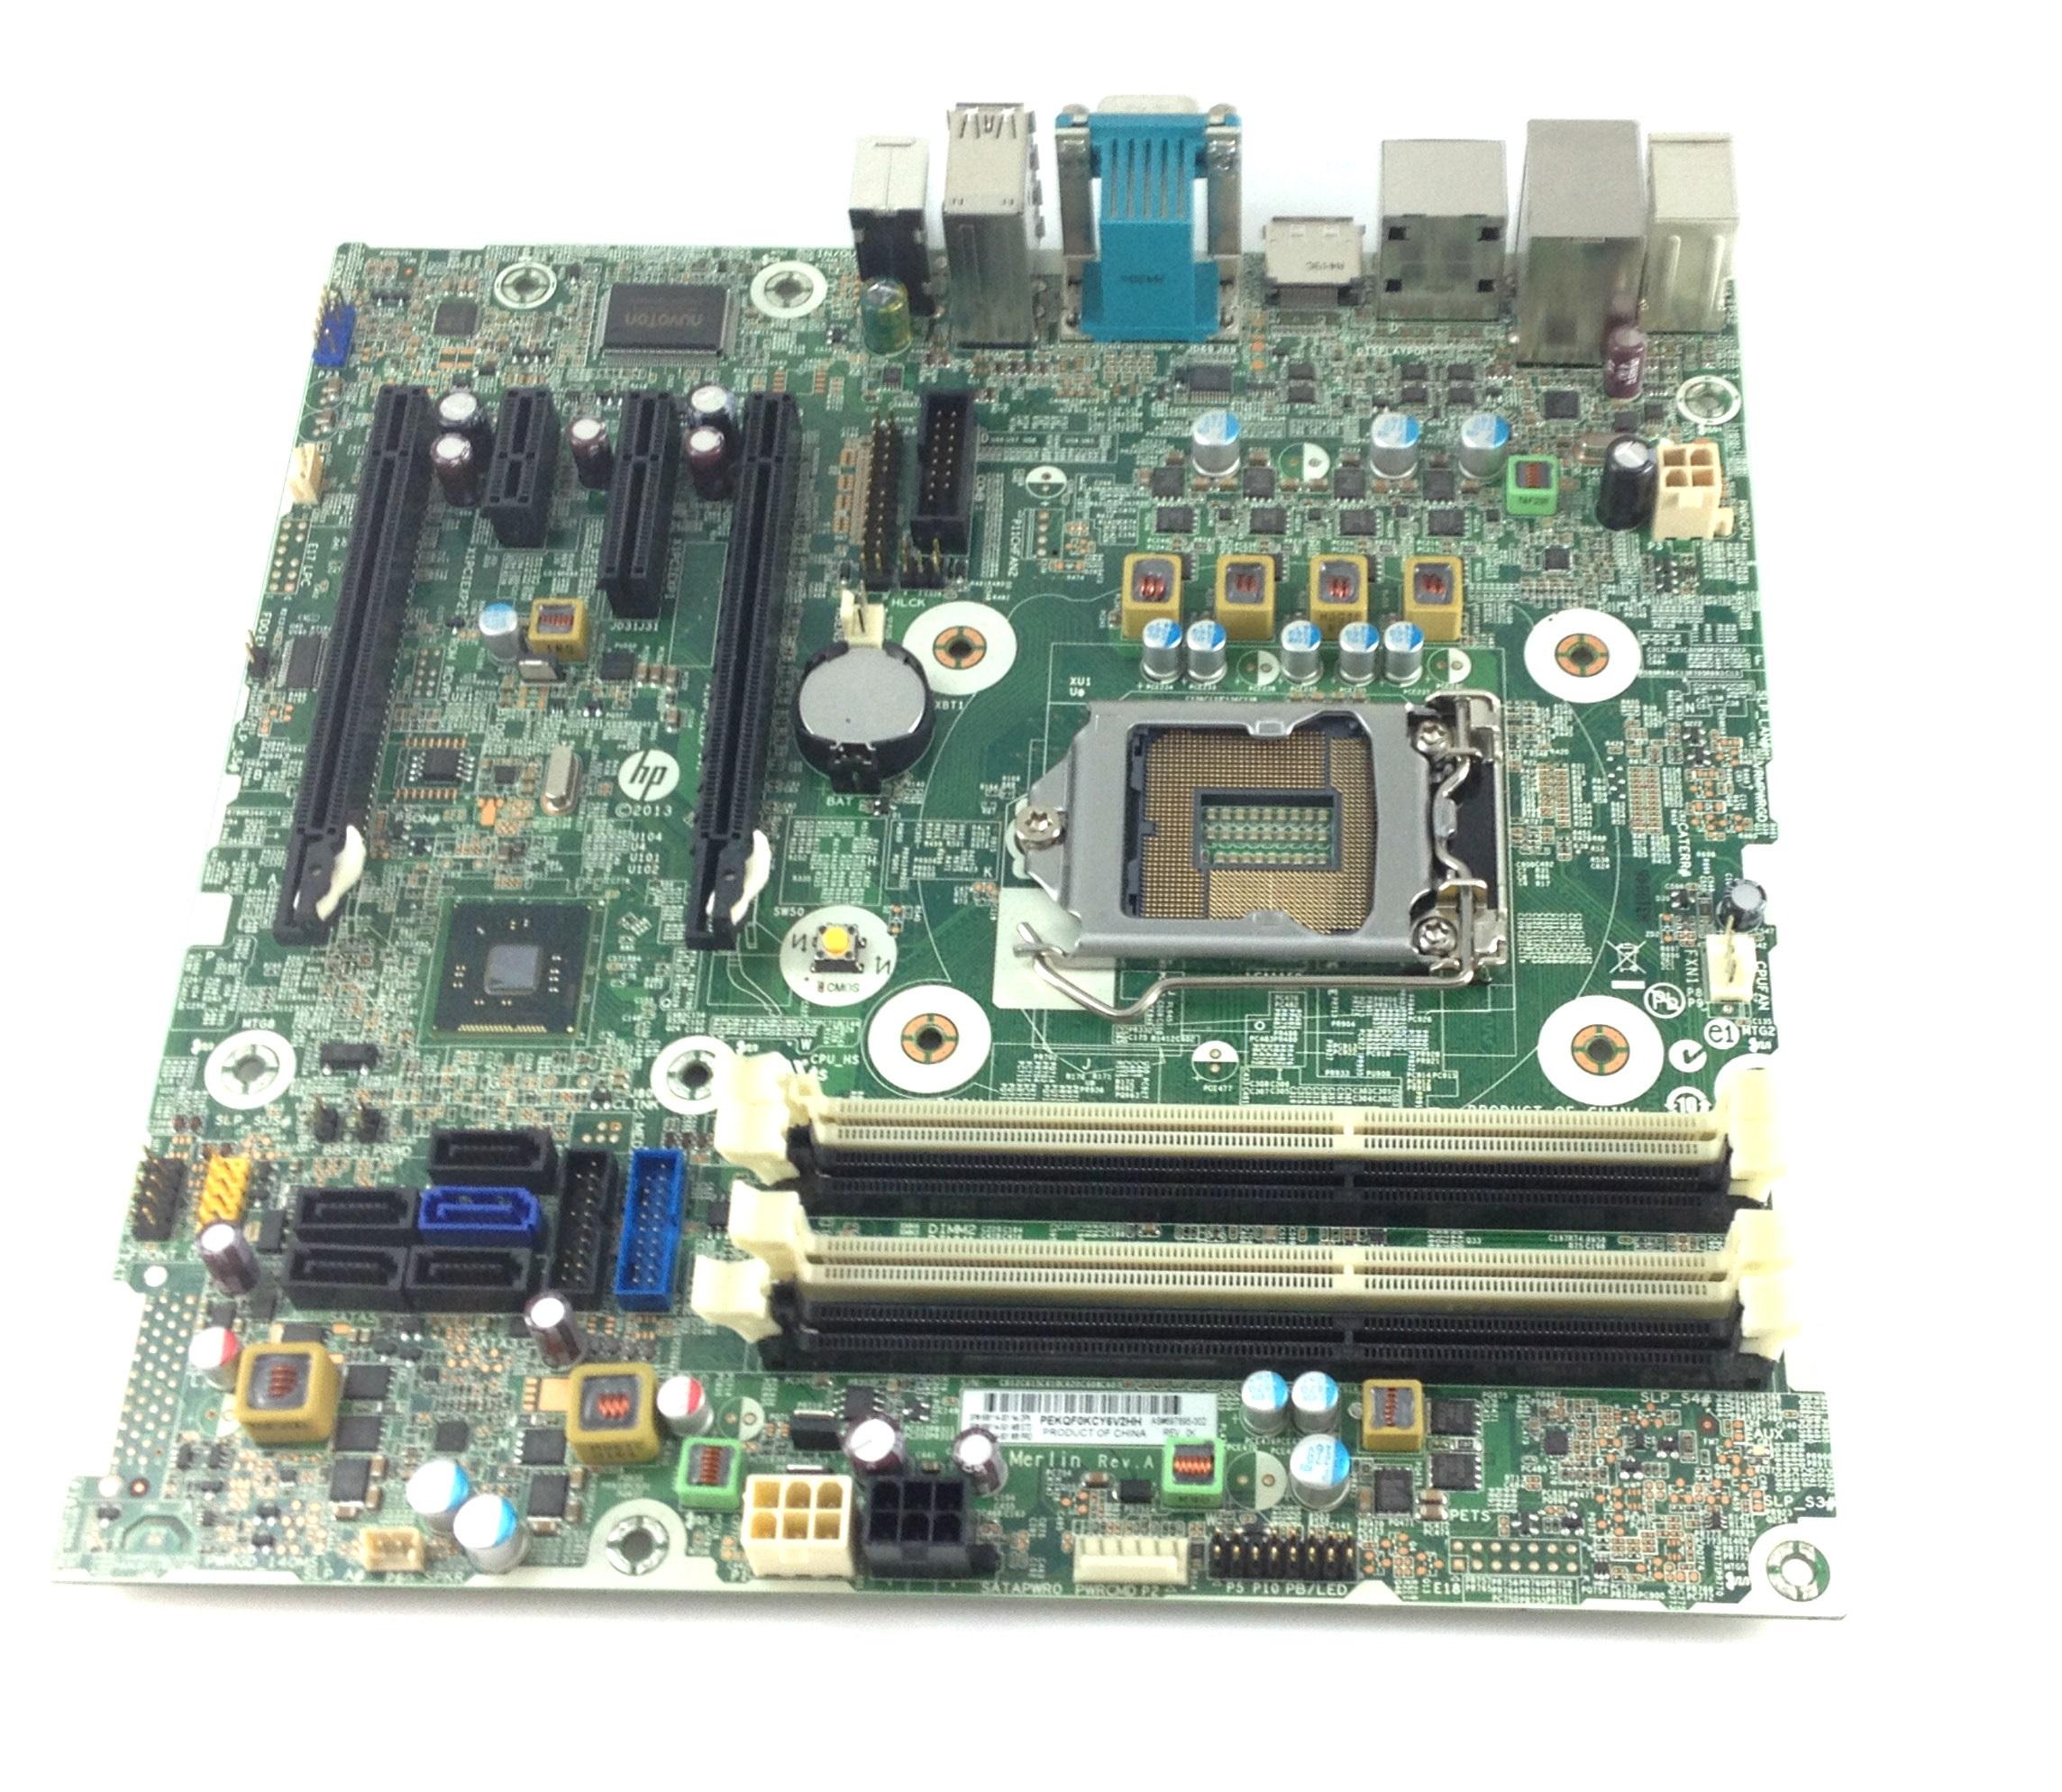 Dell Precision T1650 Microatx LGA1155 System Board w/Heatsink & I/O